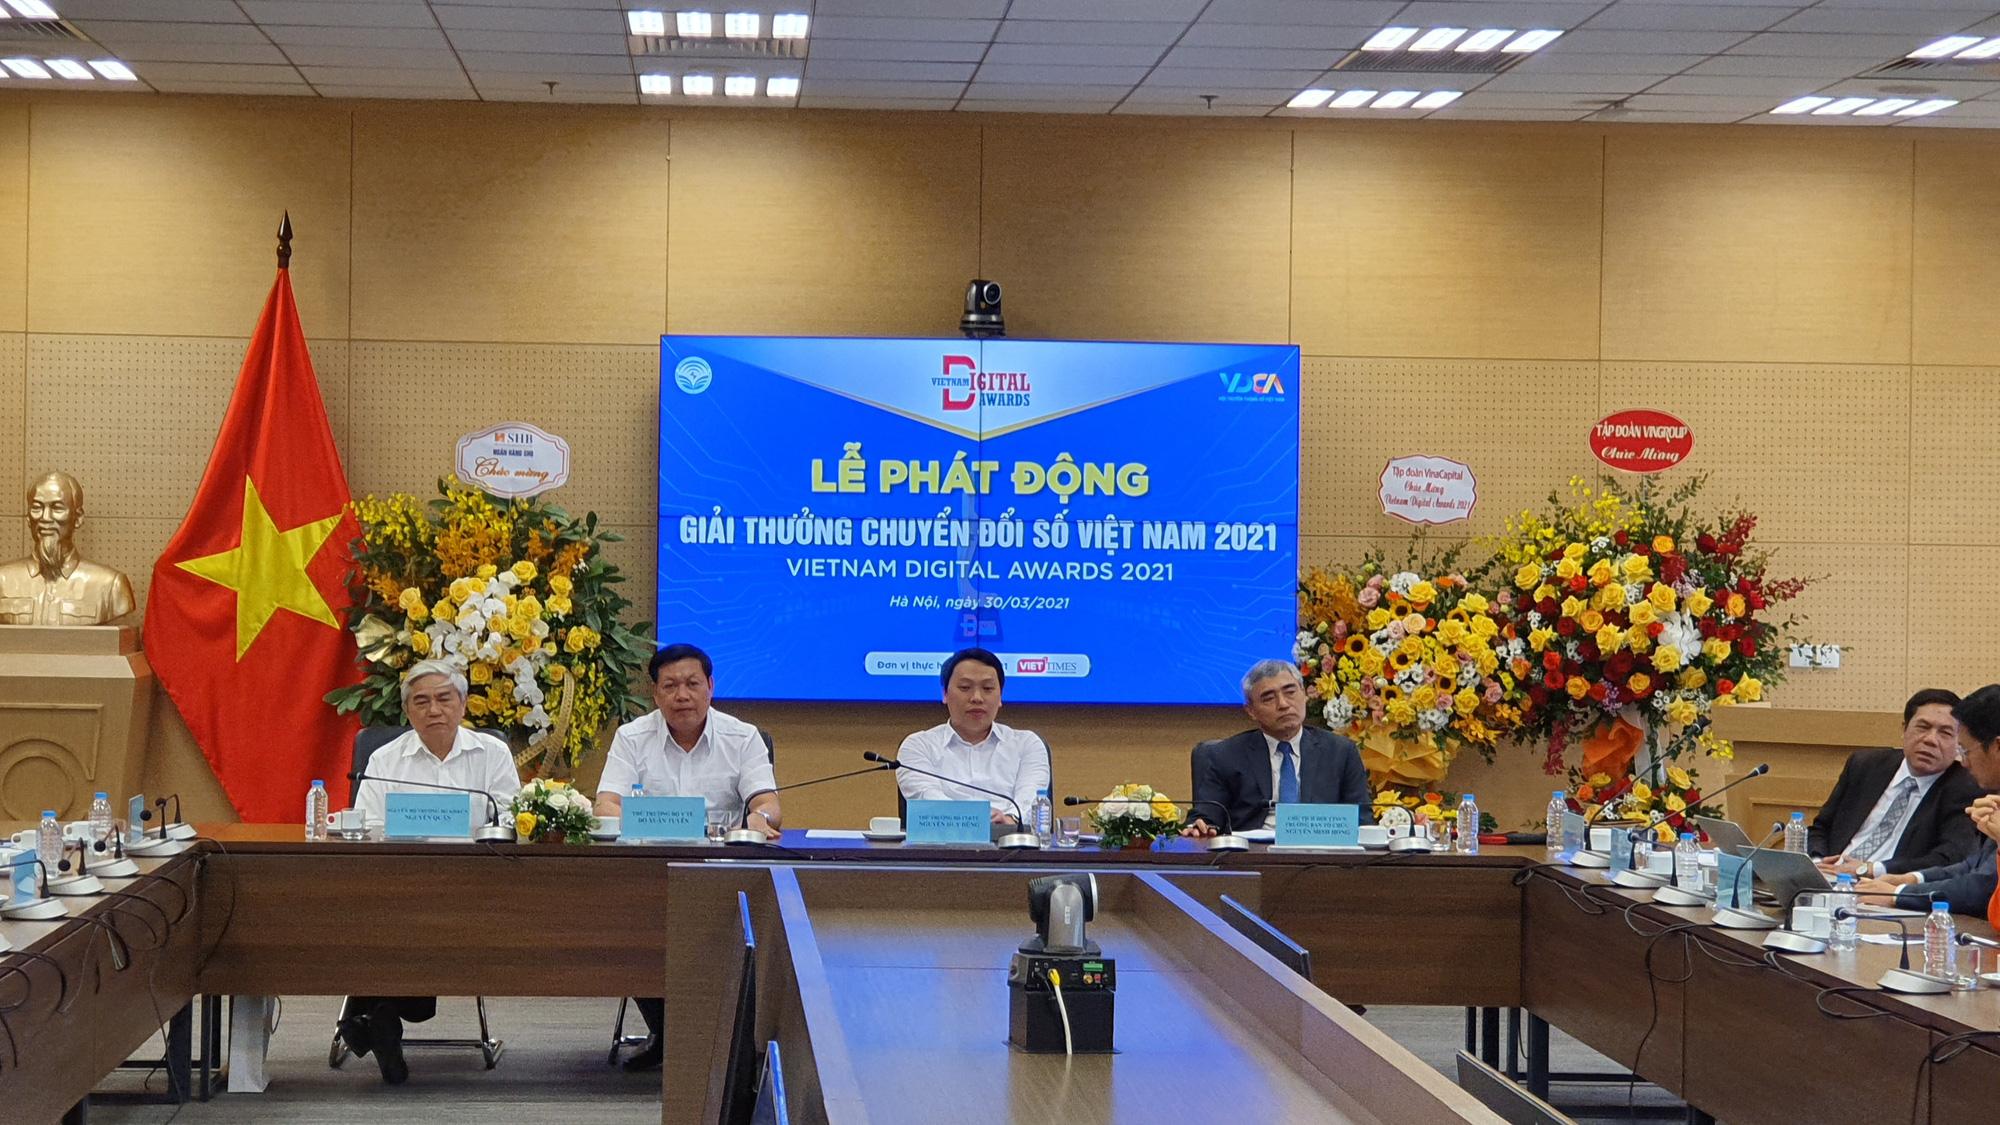 Chính thức phát động giải thưởng Chuyển đổi số Việt Nam năm 2021 - Ảnh 1.